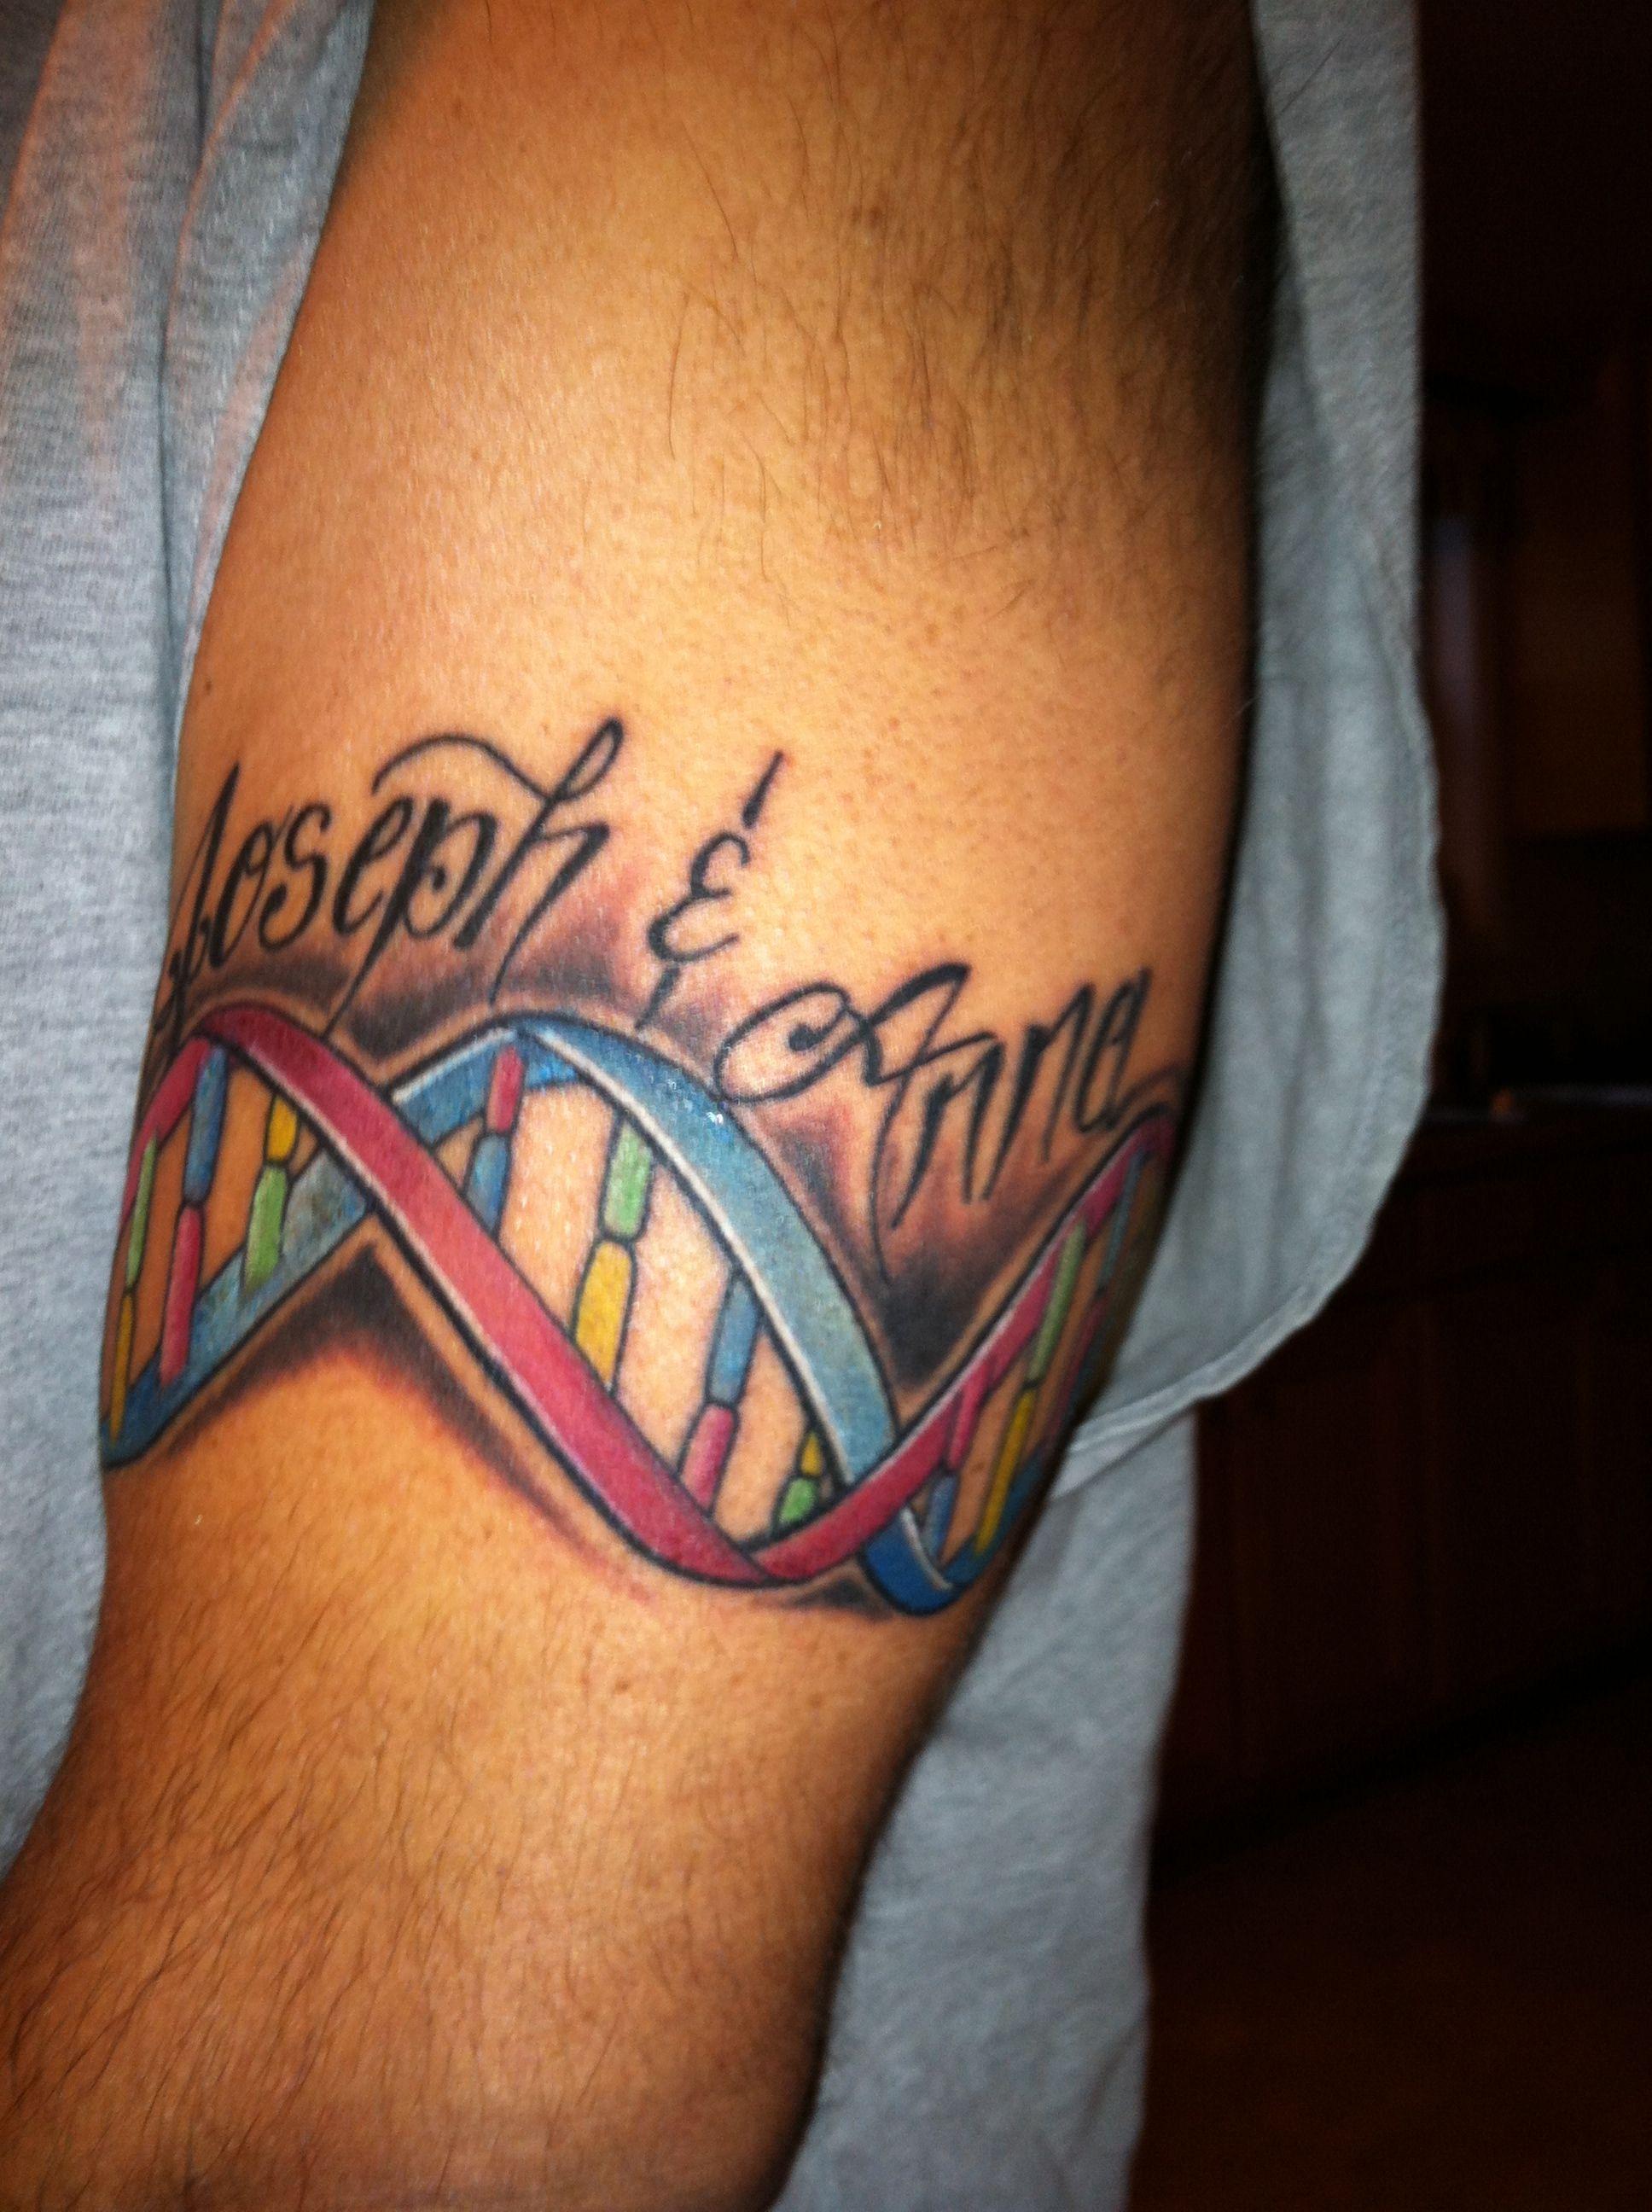 Dna Armband Tattoo With My Kids Name Arm Tattoo Tattoos Arm Band Tattoo